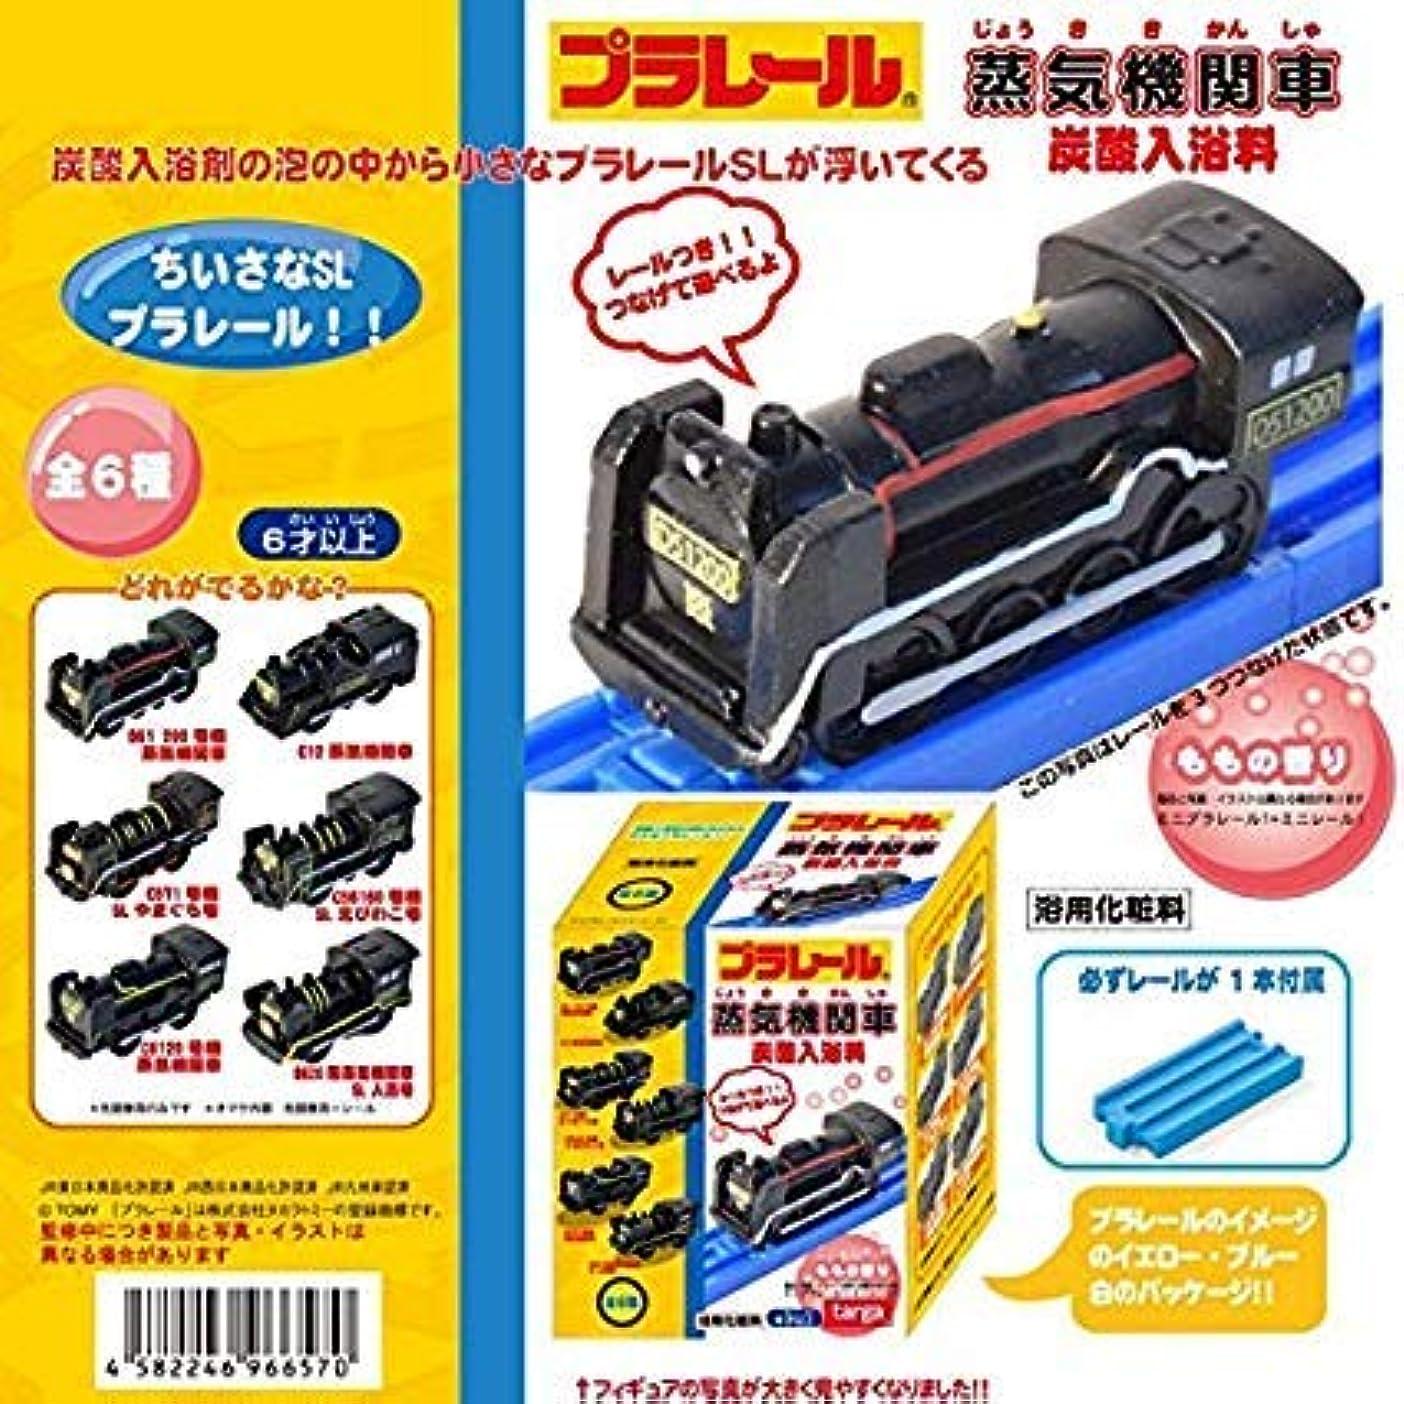 よろめく自発的ノーブルプラレール 蒸気機関車 炭酸入浴剤 【6個セット】 ももの香り レールつき機関車